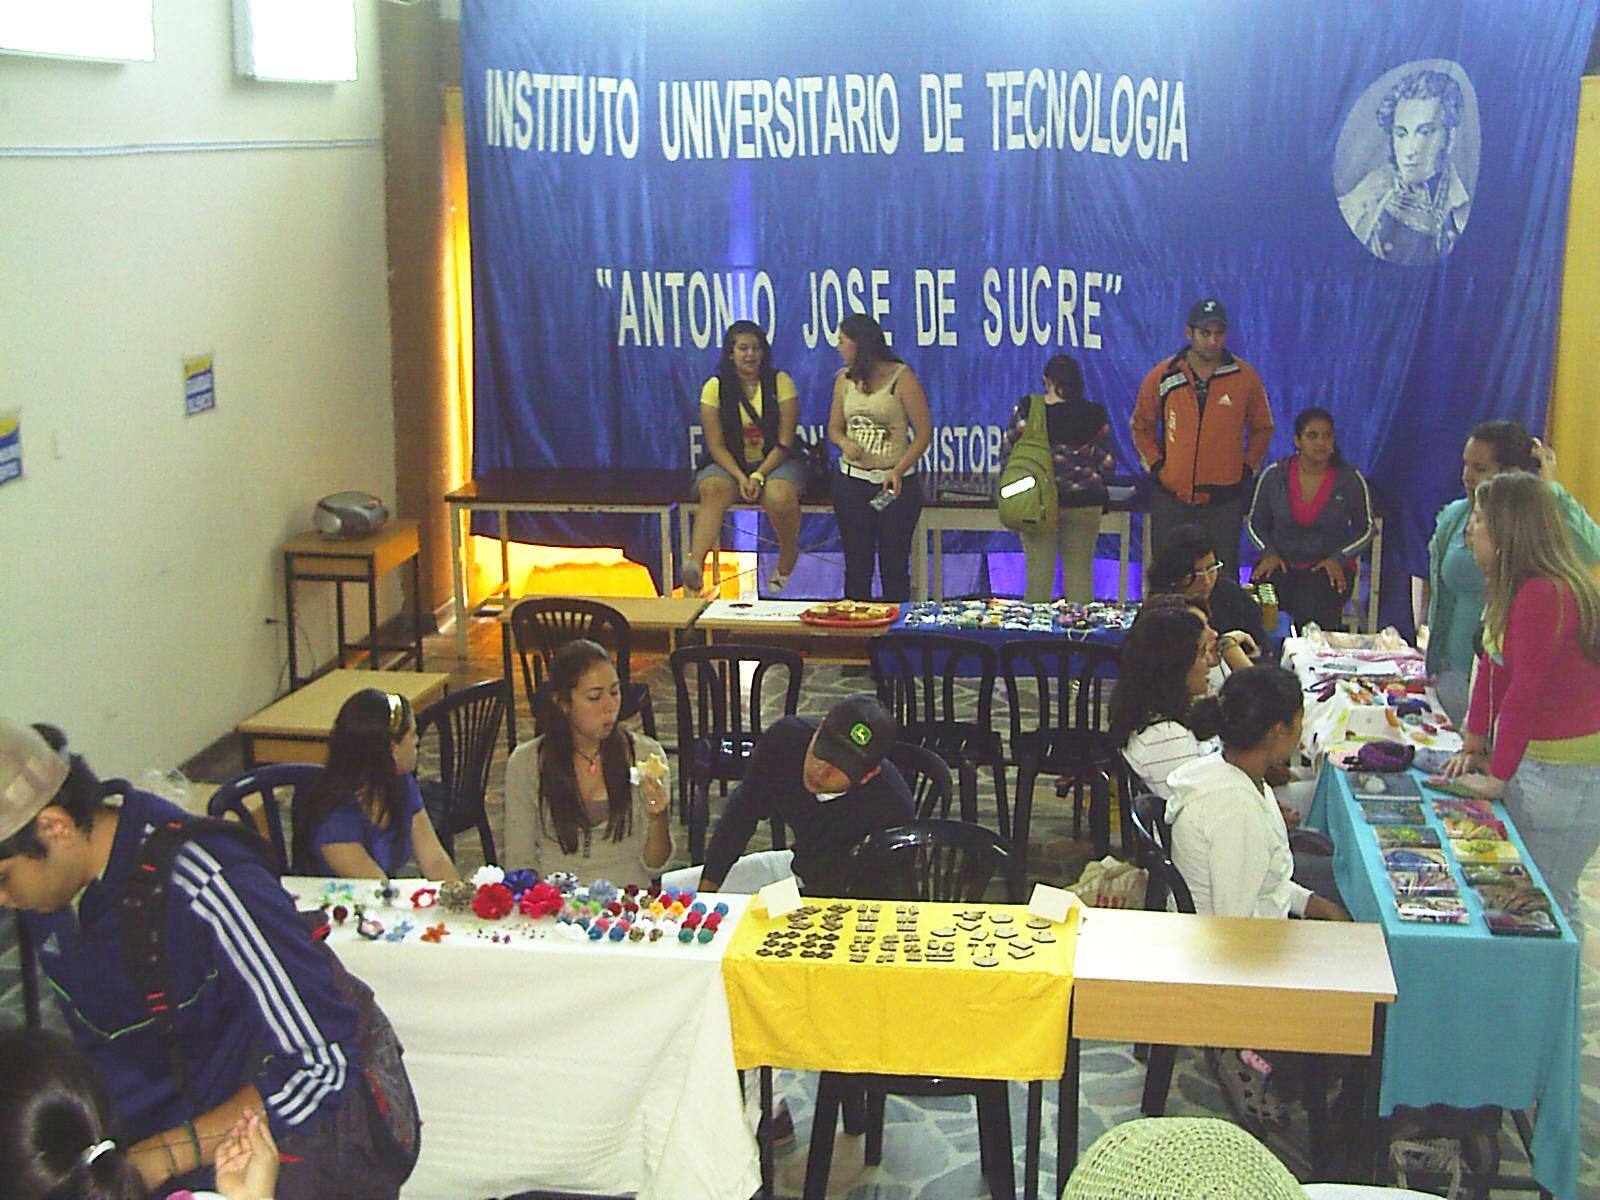 Escuela de dise o grafico iut antonio jose de sucre dia for Diseno grafico escuelas